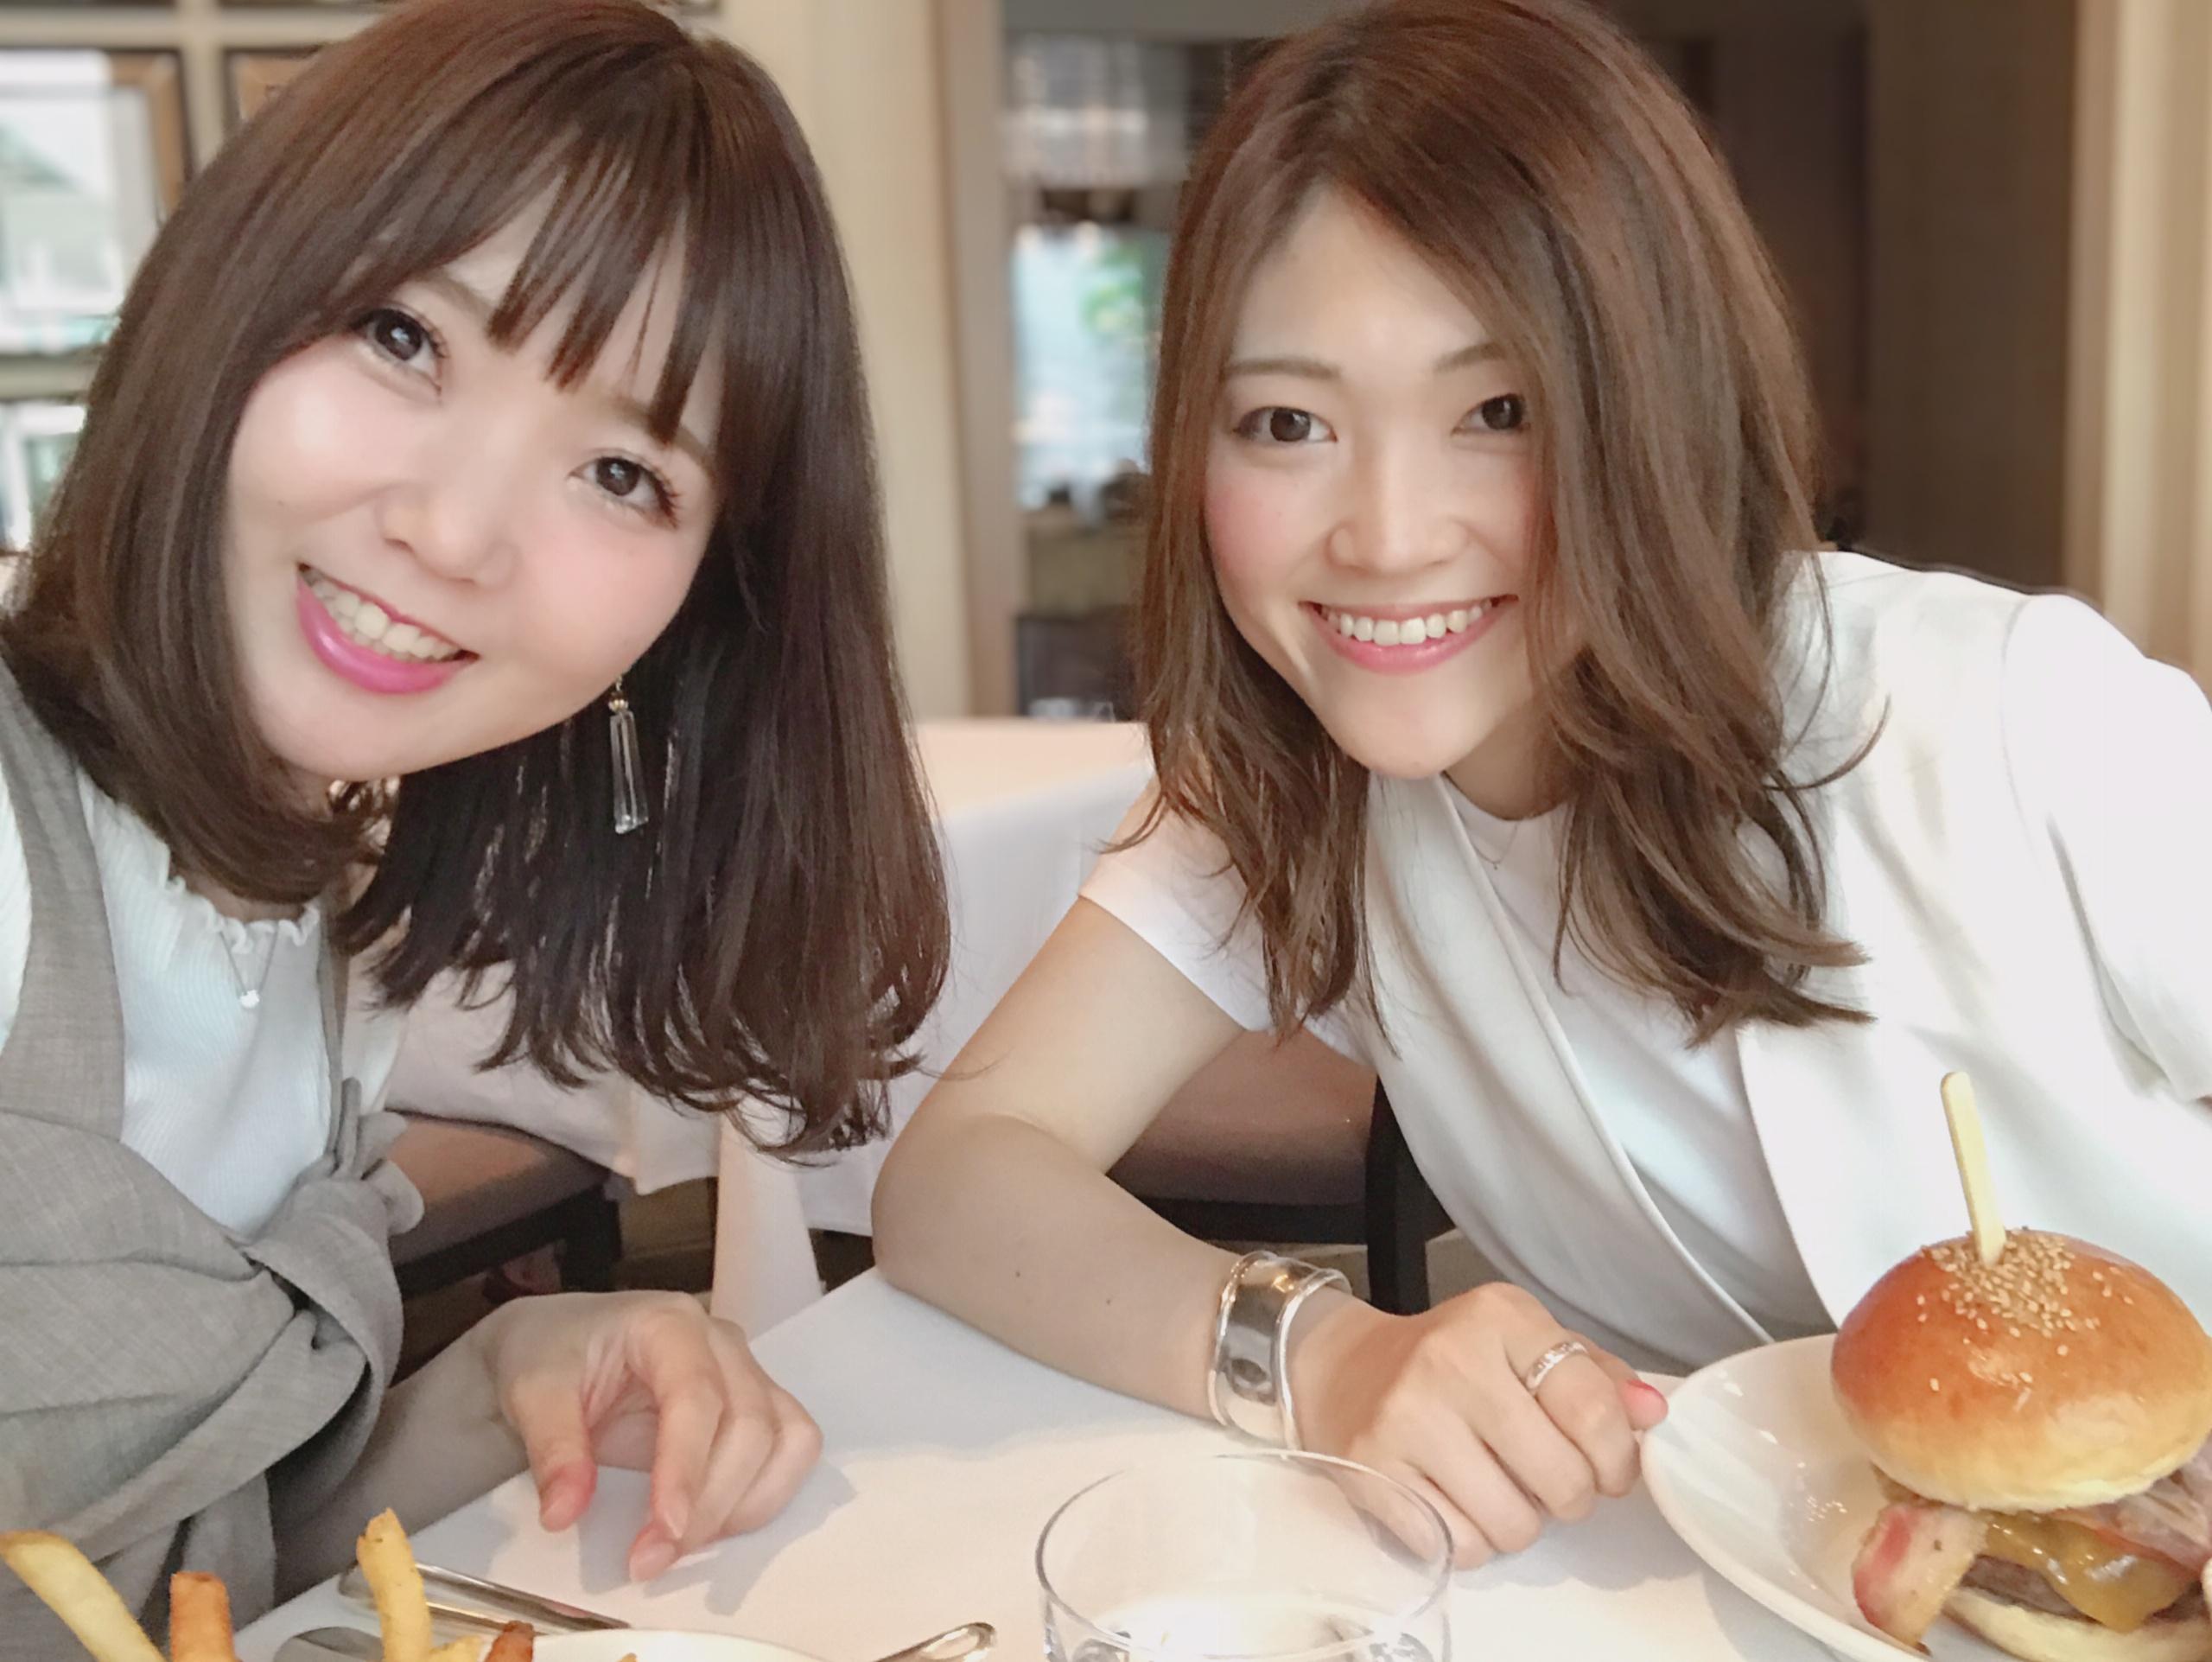 【ランチ】高級ステーキ店でこのお値段?!六本木で贅沢ハンバーガー♡_5